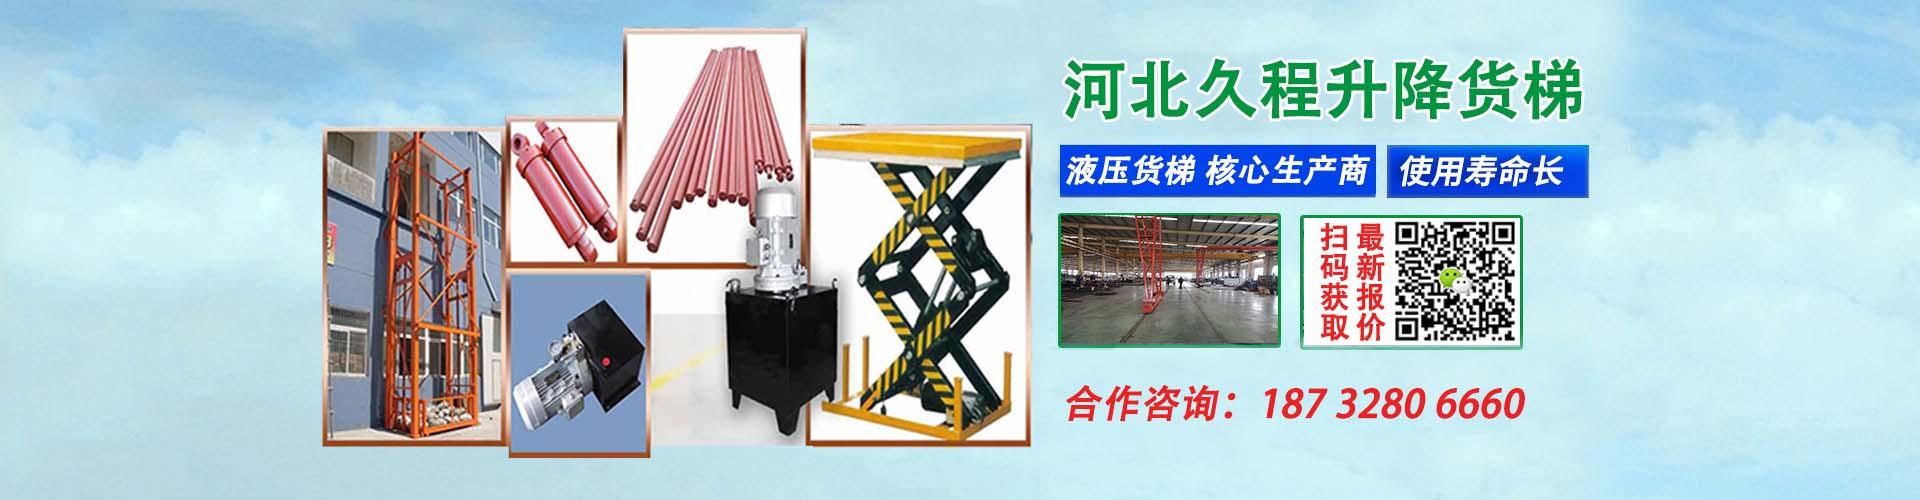 久程专业货梯生产商